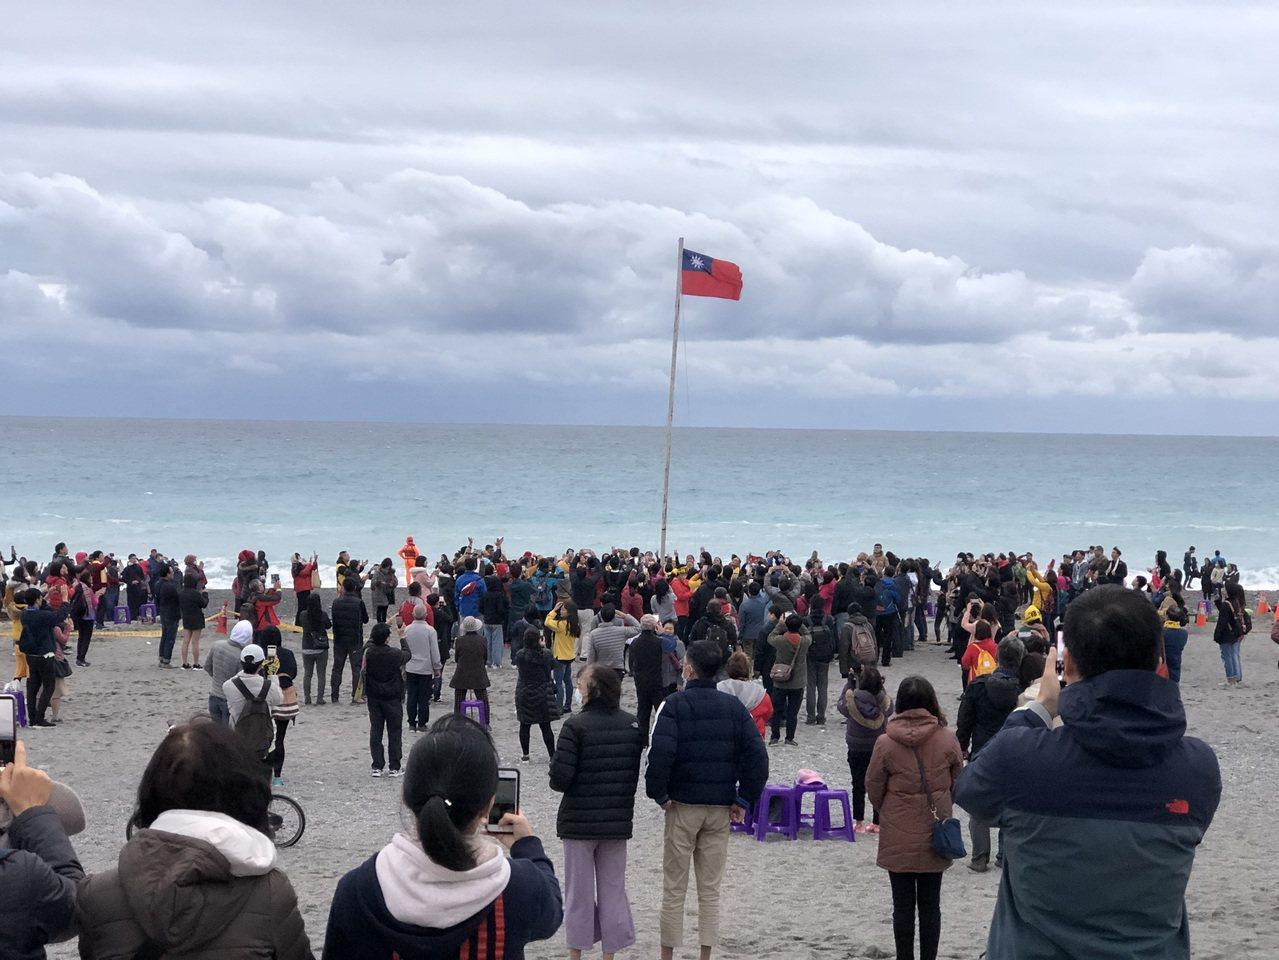 台東太麻里雖迎不到曙光,但元旦升旗典禮民眾響應熱烈。記者尤聰光/攝影